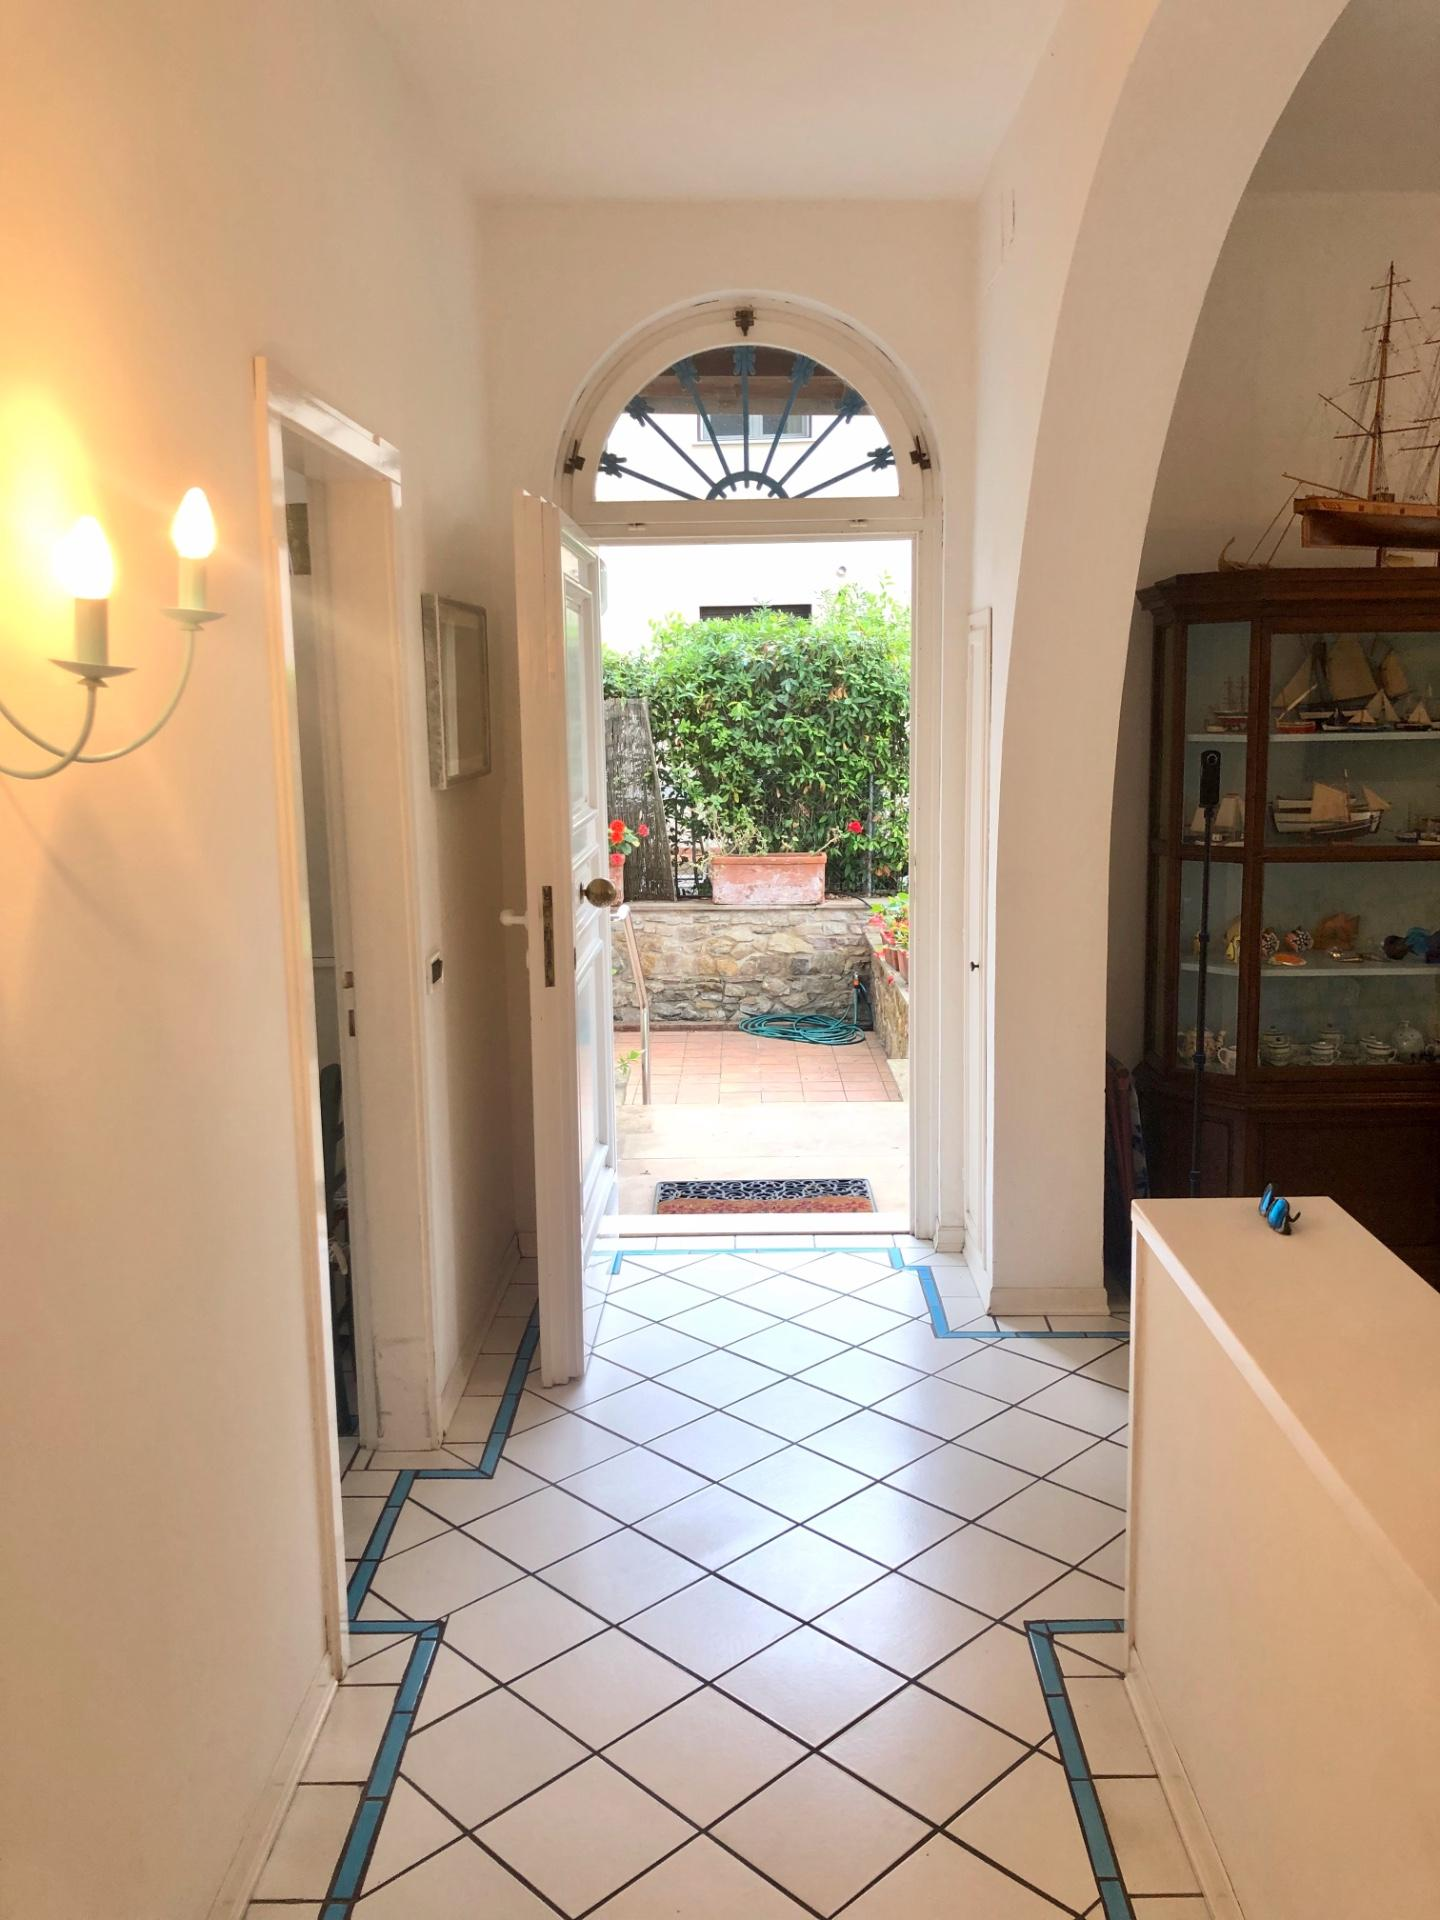 Casa singola in affitto a Tirrenia, Pisa